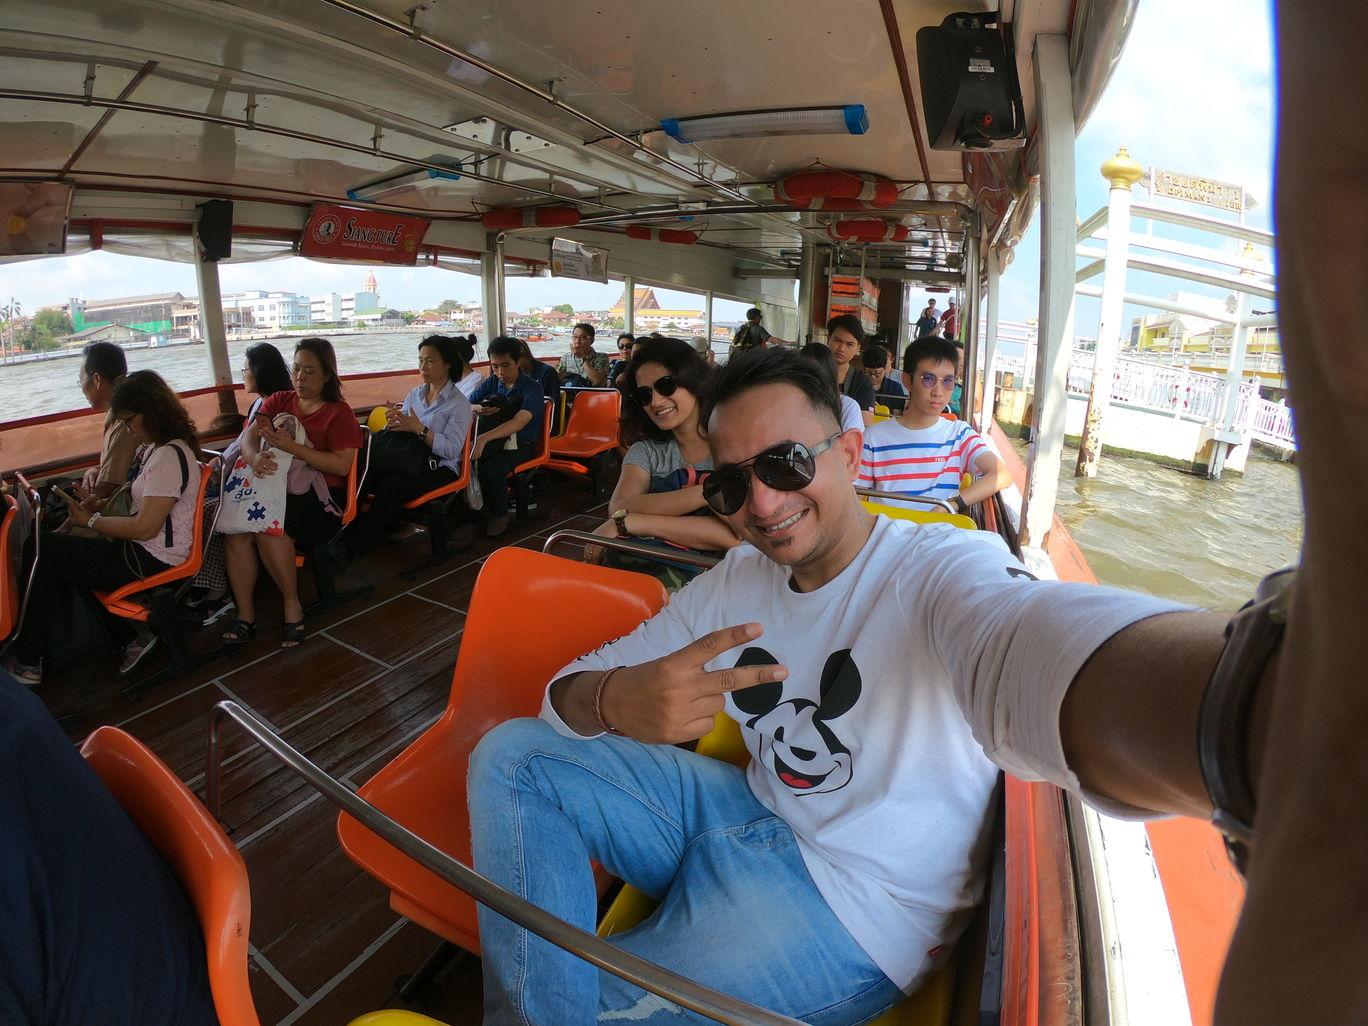 Photo of Chao Phraya River By Soumava Das